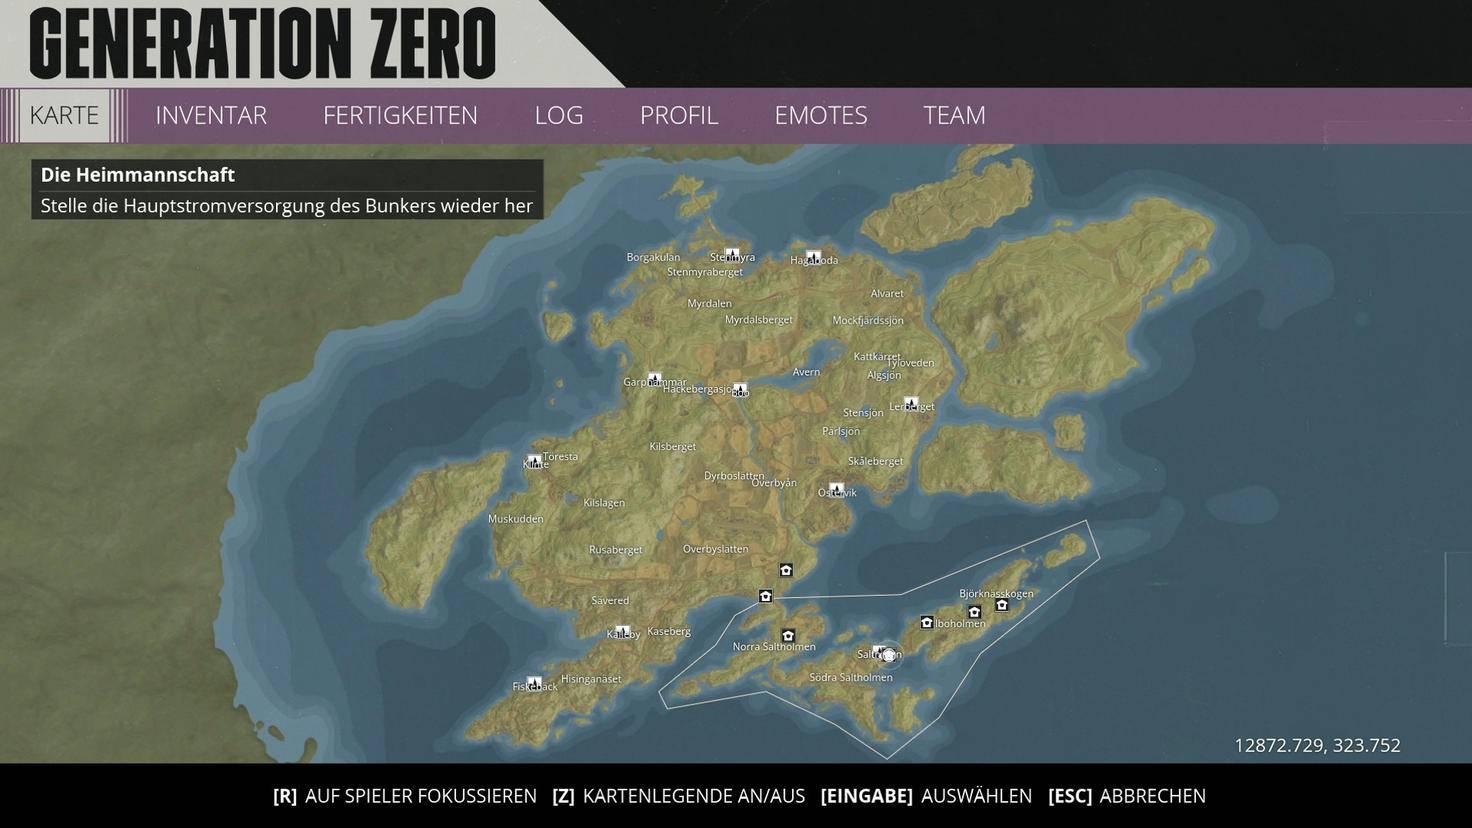 """Die komplette Spielwelt von """"Generation Zero"""". Im markierten Bereich im Süden: die bereits durchaus umfangreiche Tutorial-Insel aus der Beta."""